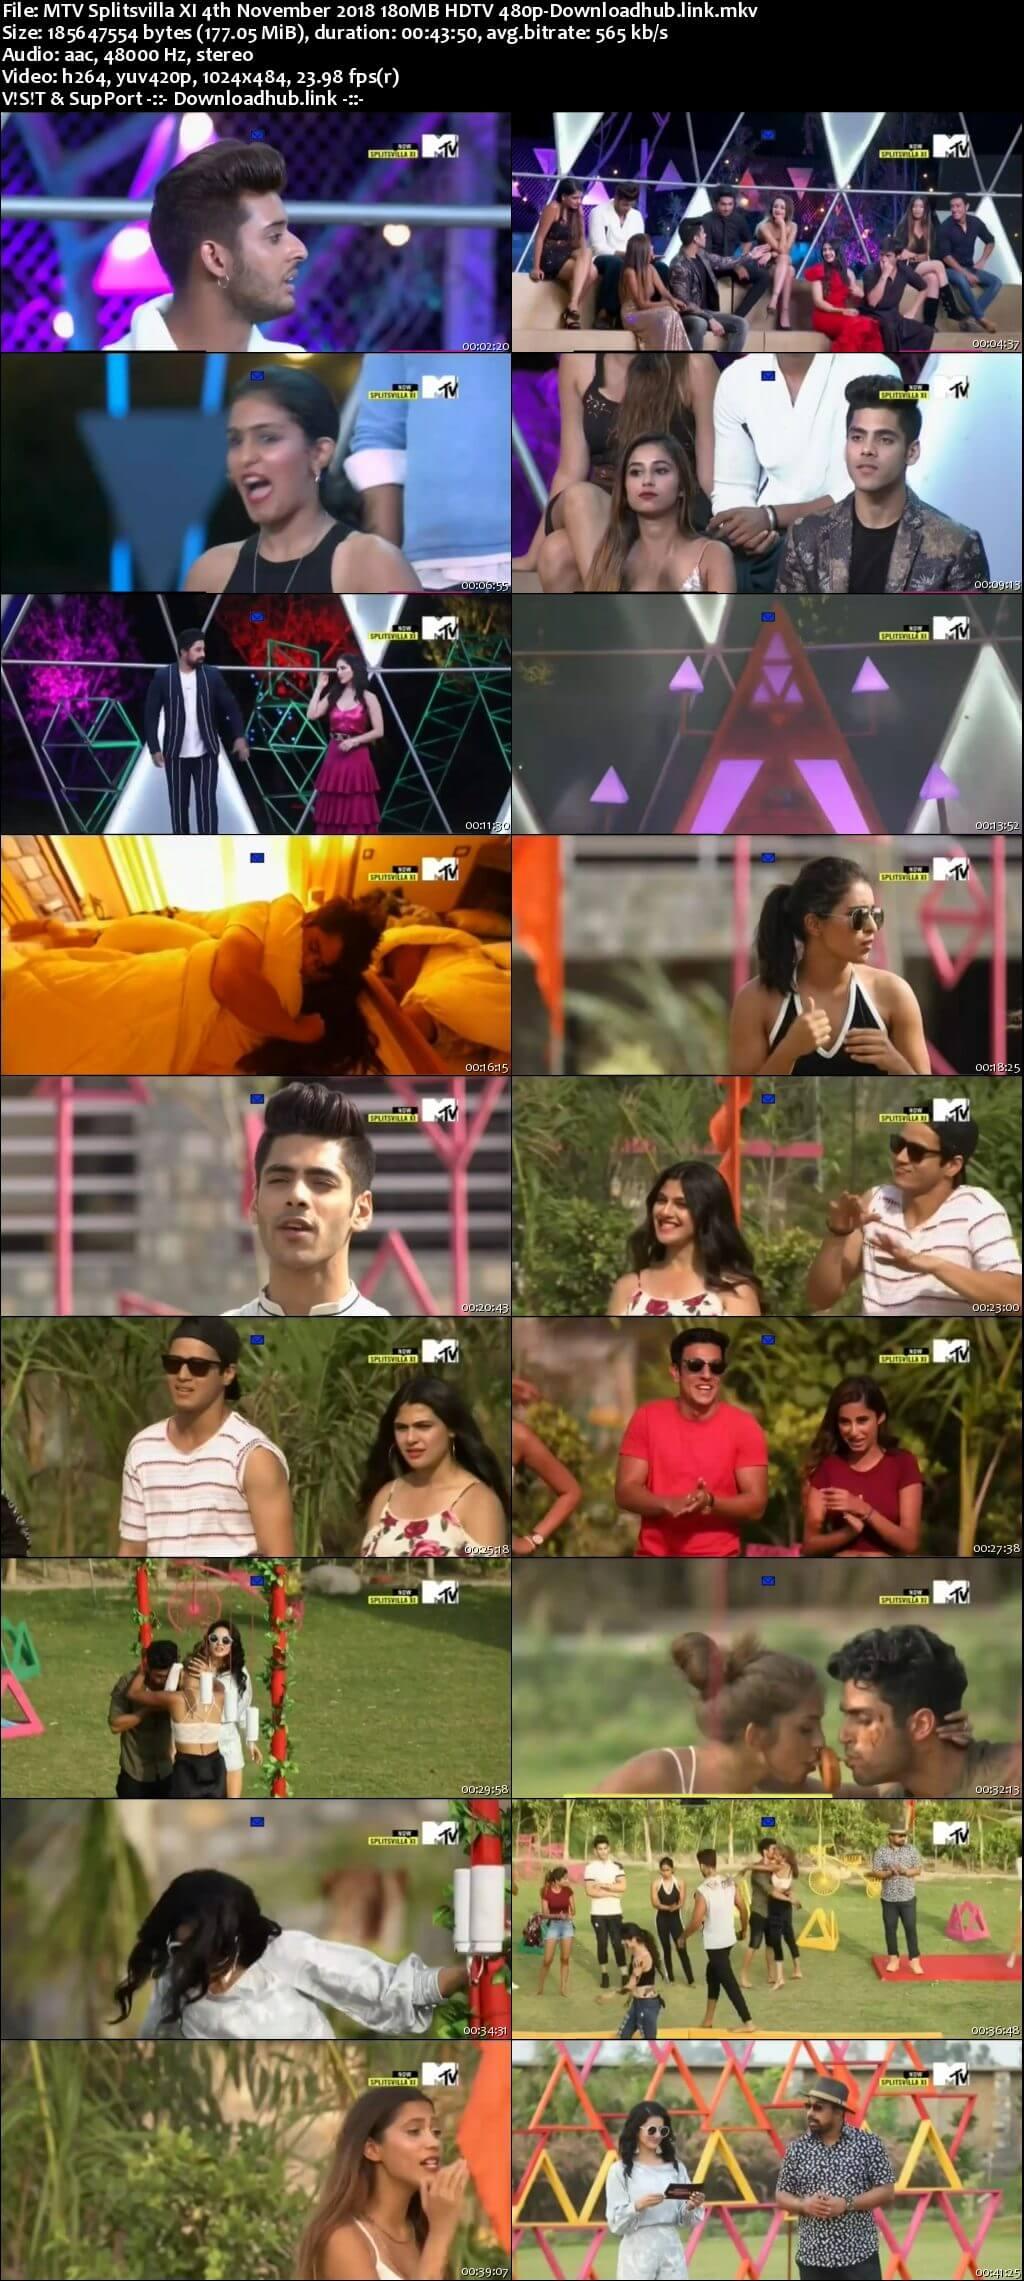 MTV Splitsvilla XI 4th November 2018 180MB HDTV 480p